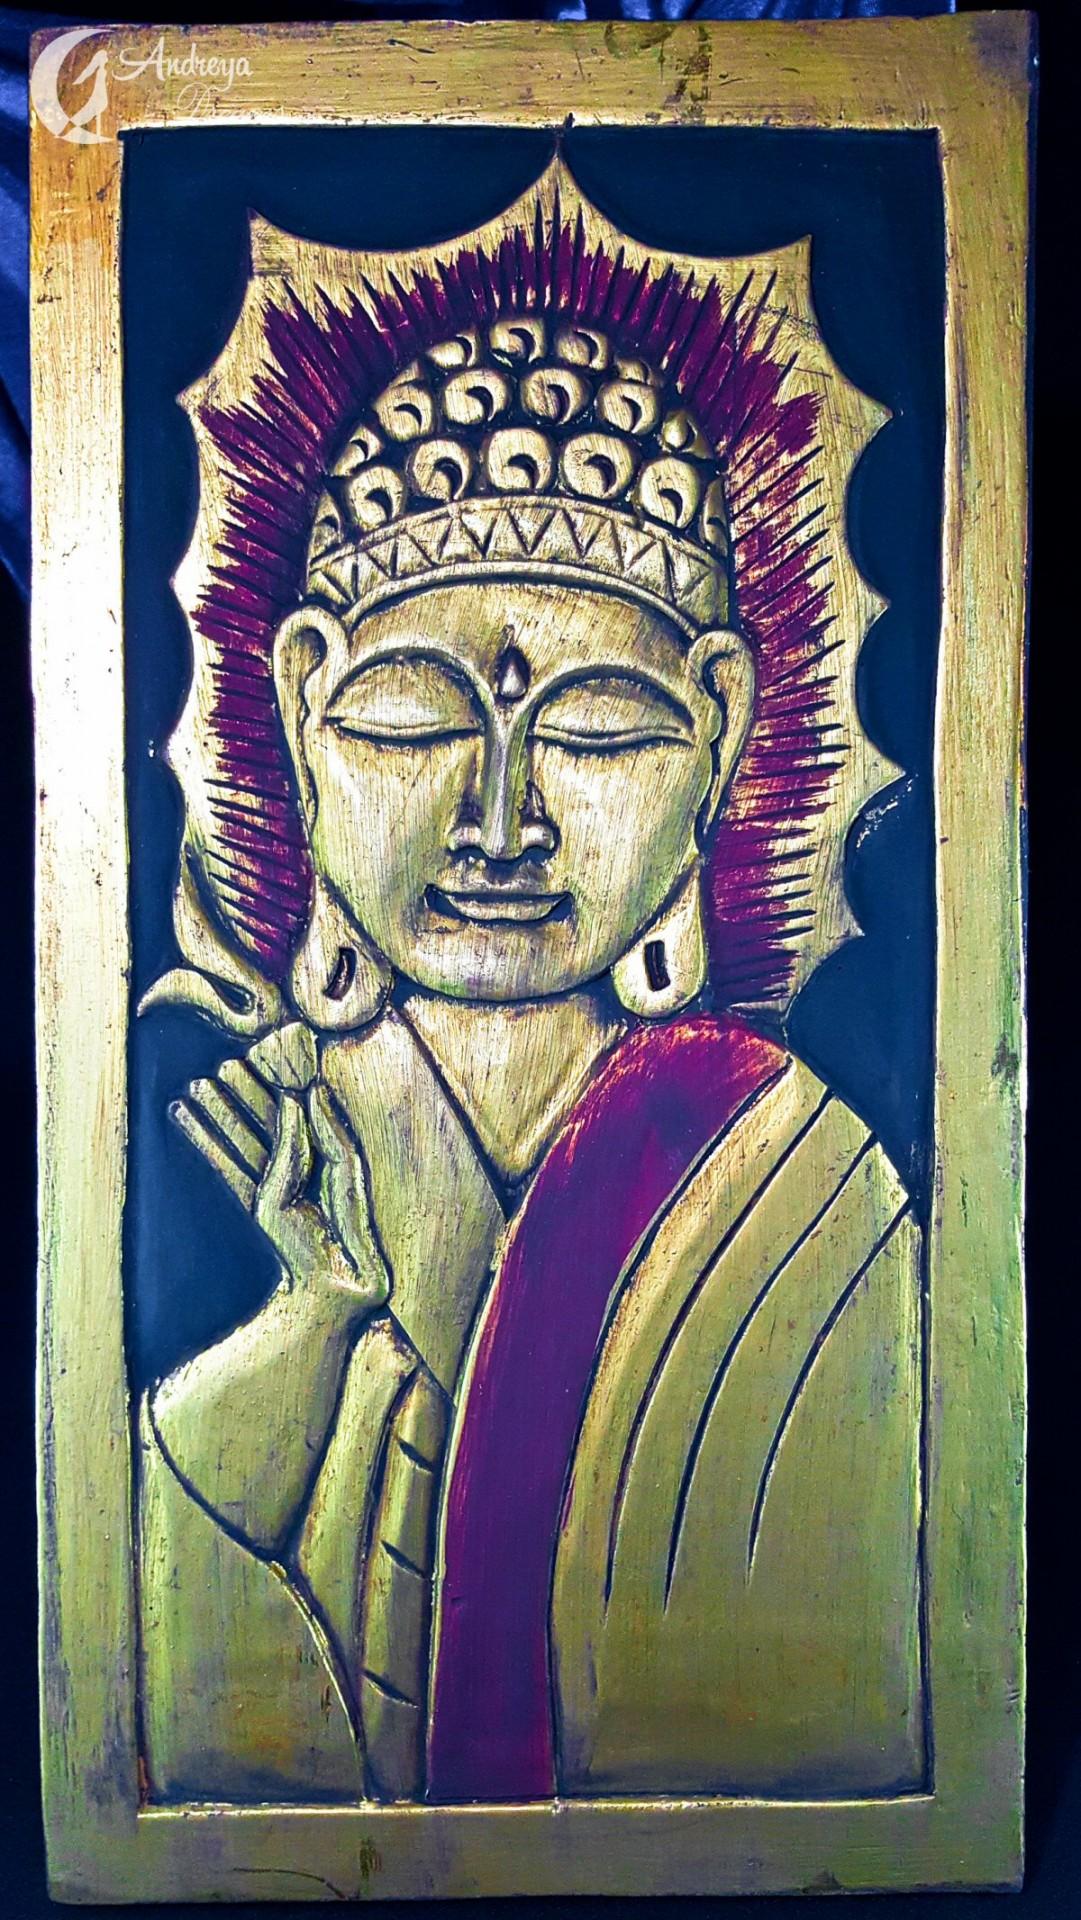 Placa de Madeira com Buda Dourado, Talhada à Mão (Tem Imperfeições)